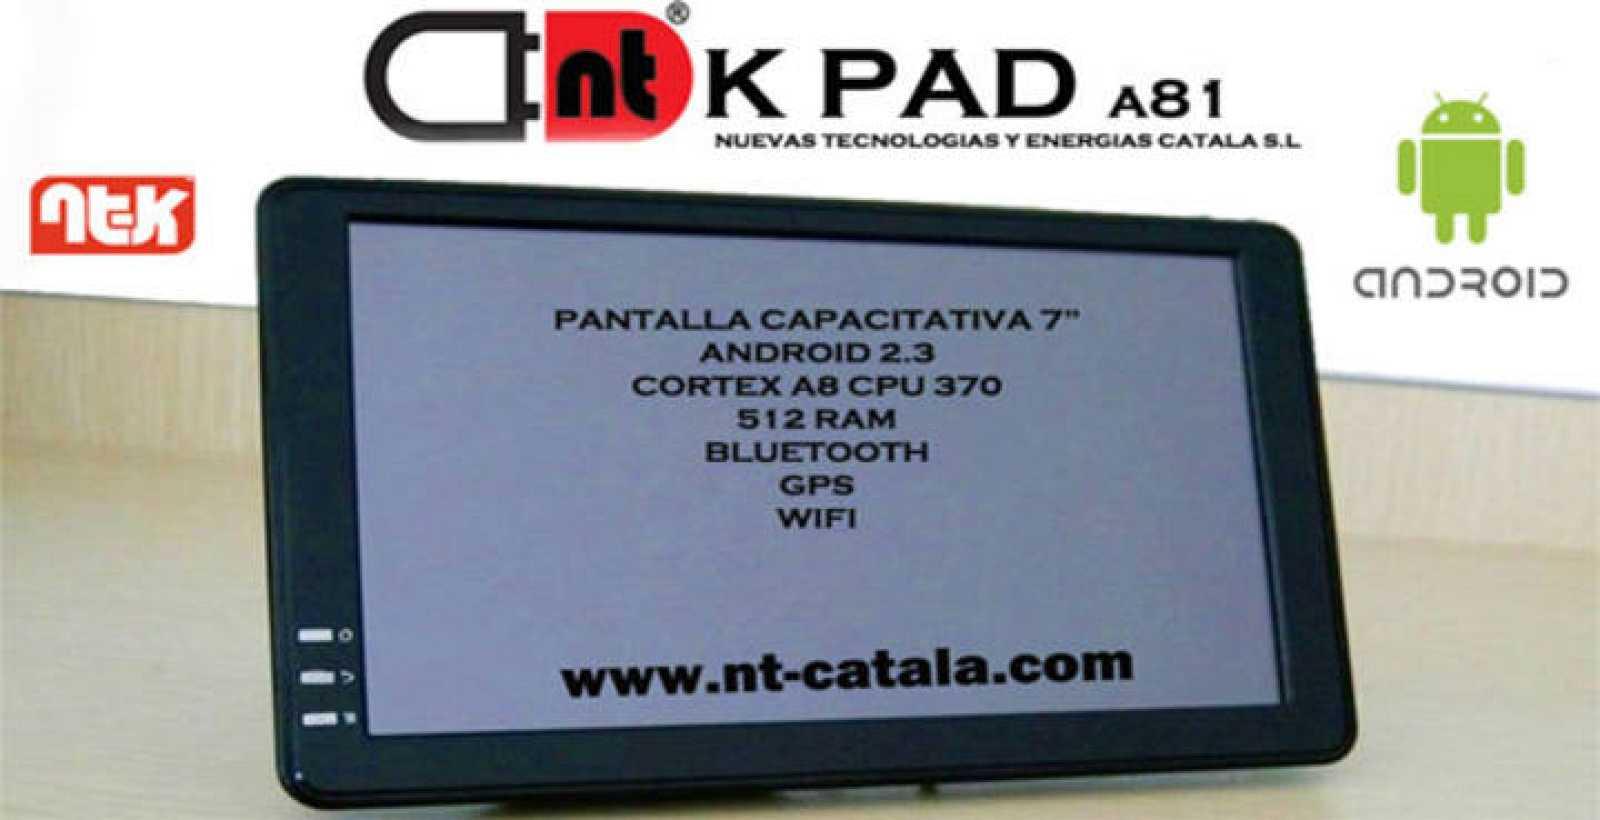 La empresa valenciana alega que sus 'tablets' no tienen nada que ver con el iPad de Apple